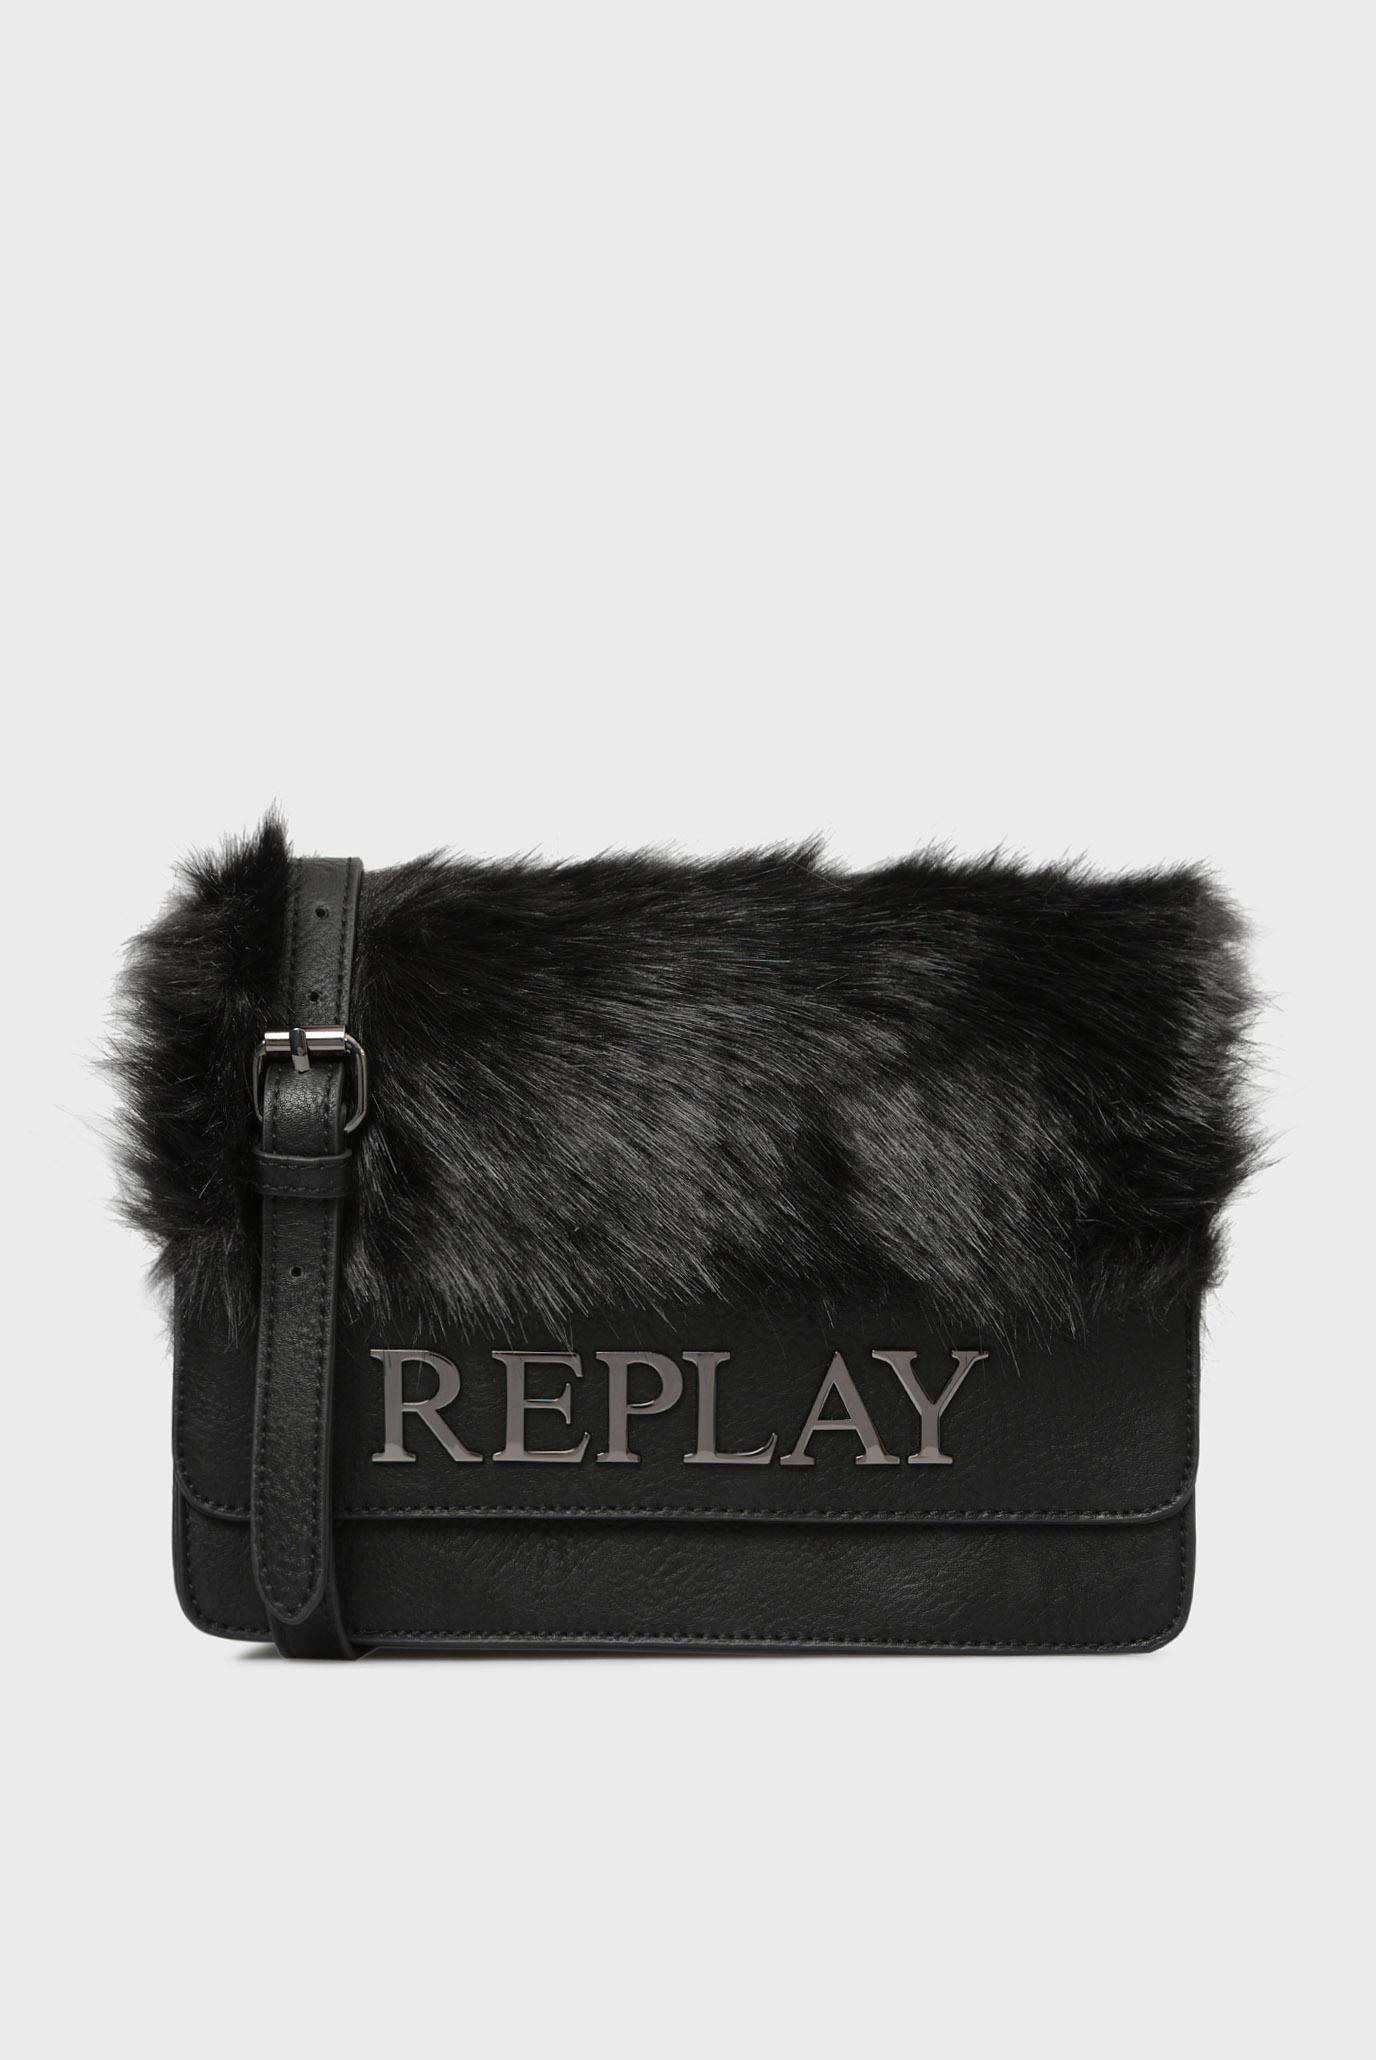 Купить Женская черная сумка через плечо Replay Replay FW3788.000.A0258 – Киев, Украина. Цены в интернет магазине MD Fashion